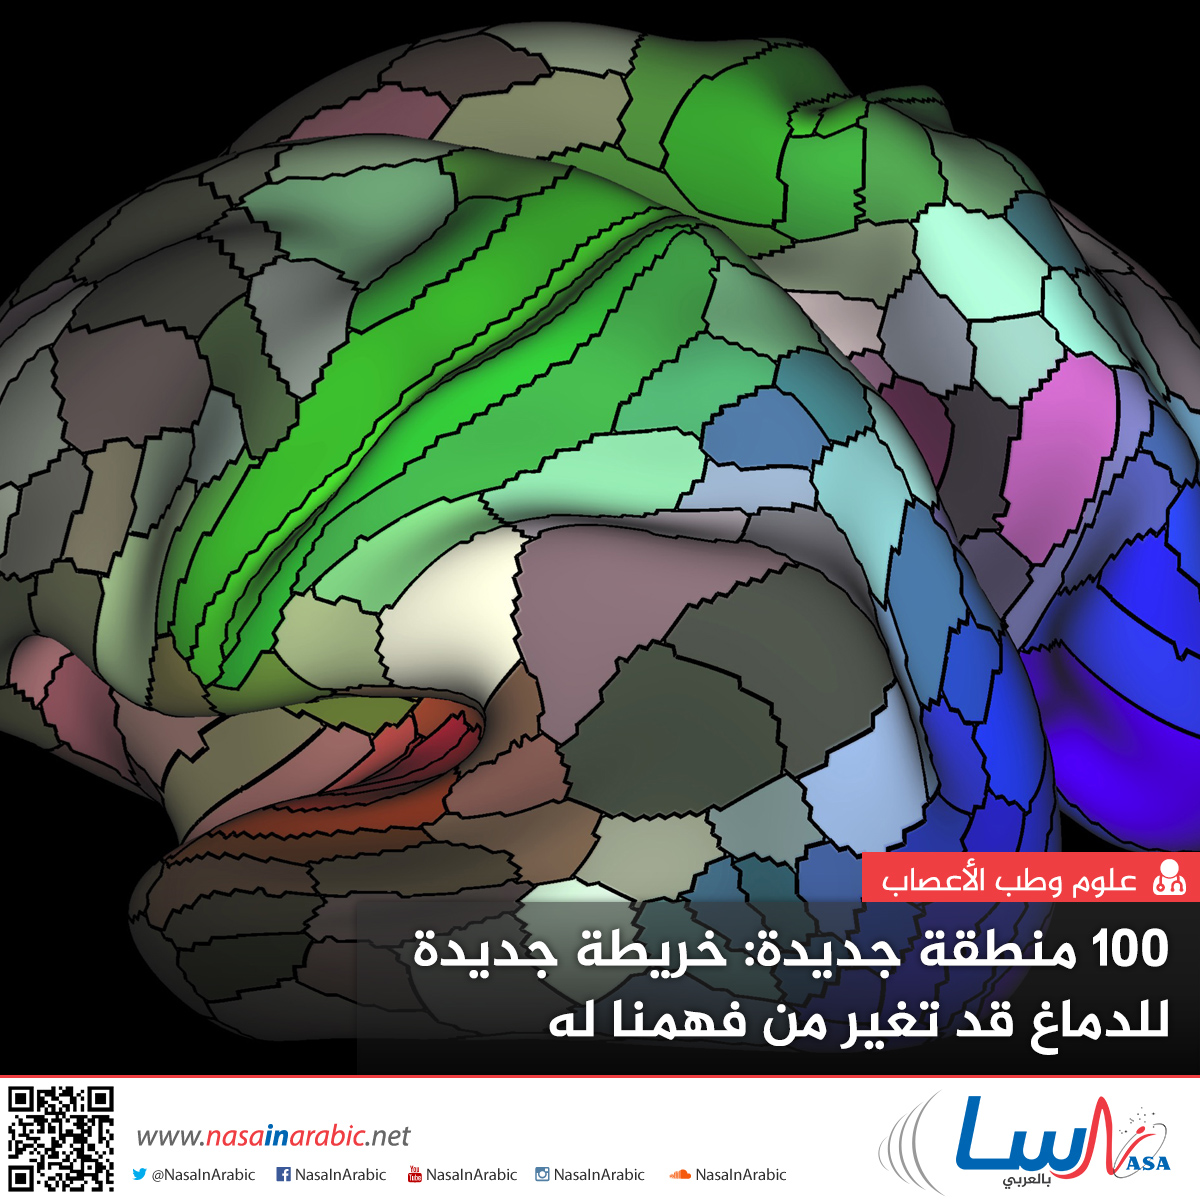 100 منطقة جديدة: خريطة جديدة للدماغ قد تغير من فهمنا له